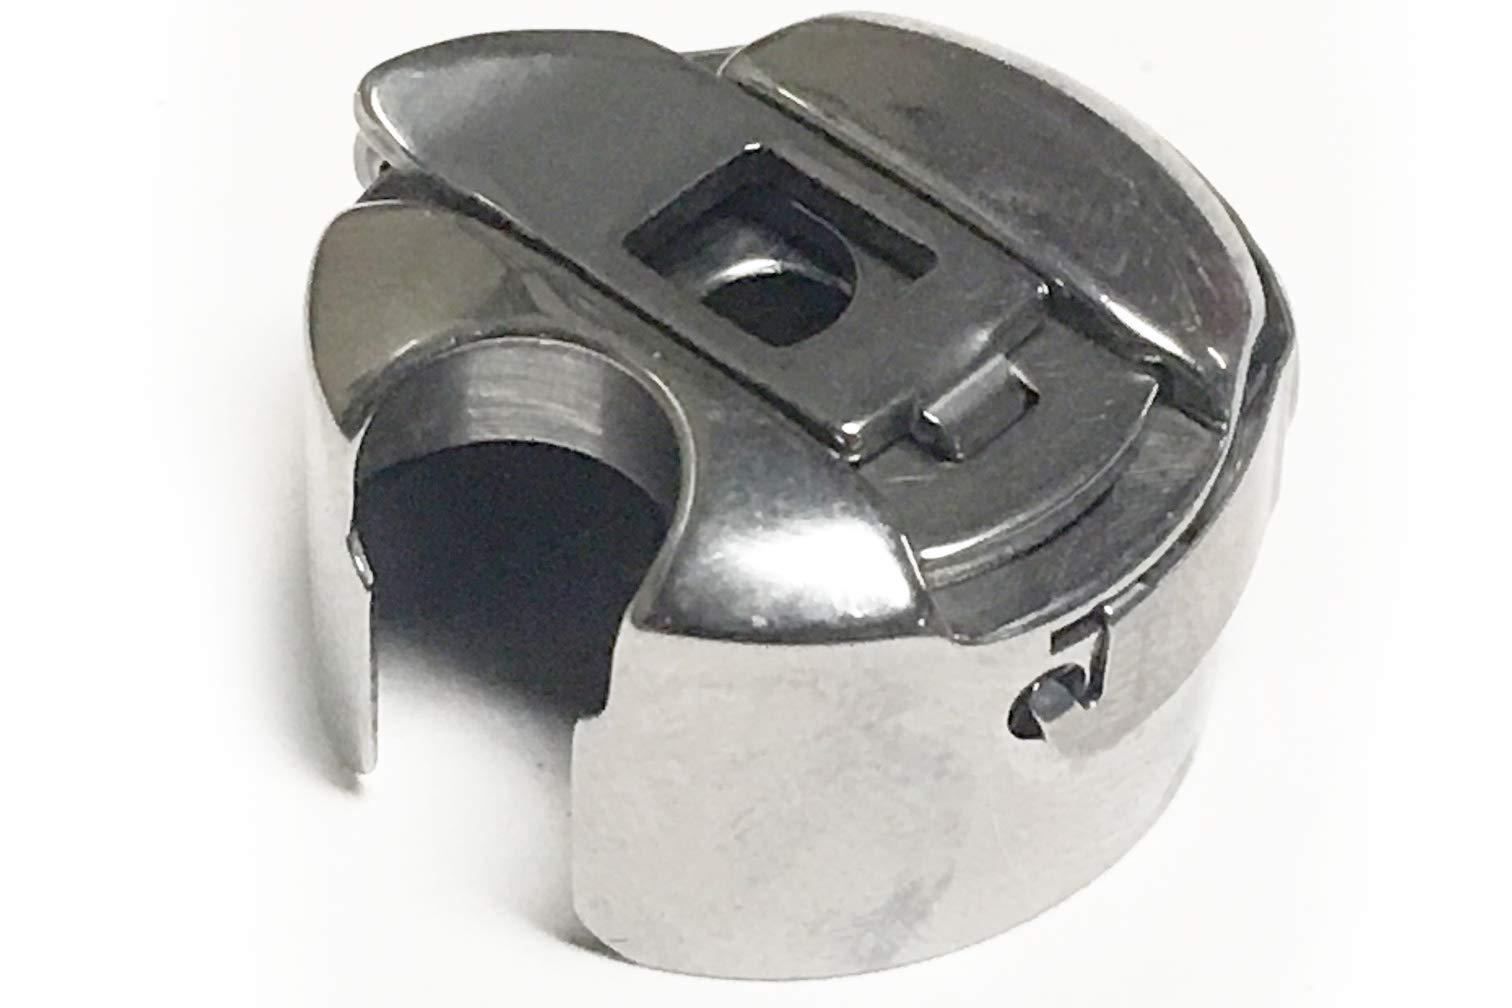 Brand Bobbin Case for Juki Dnu-241 Cutex TM Dnu-1541 Industrial Sewing Machines Dnu-261